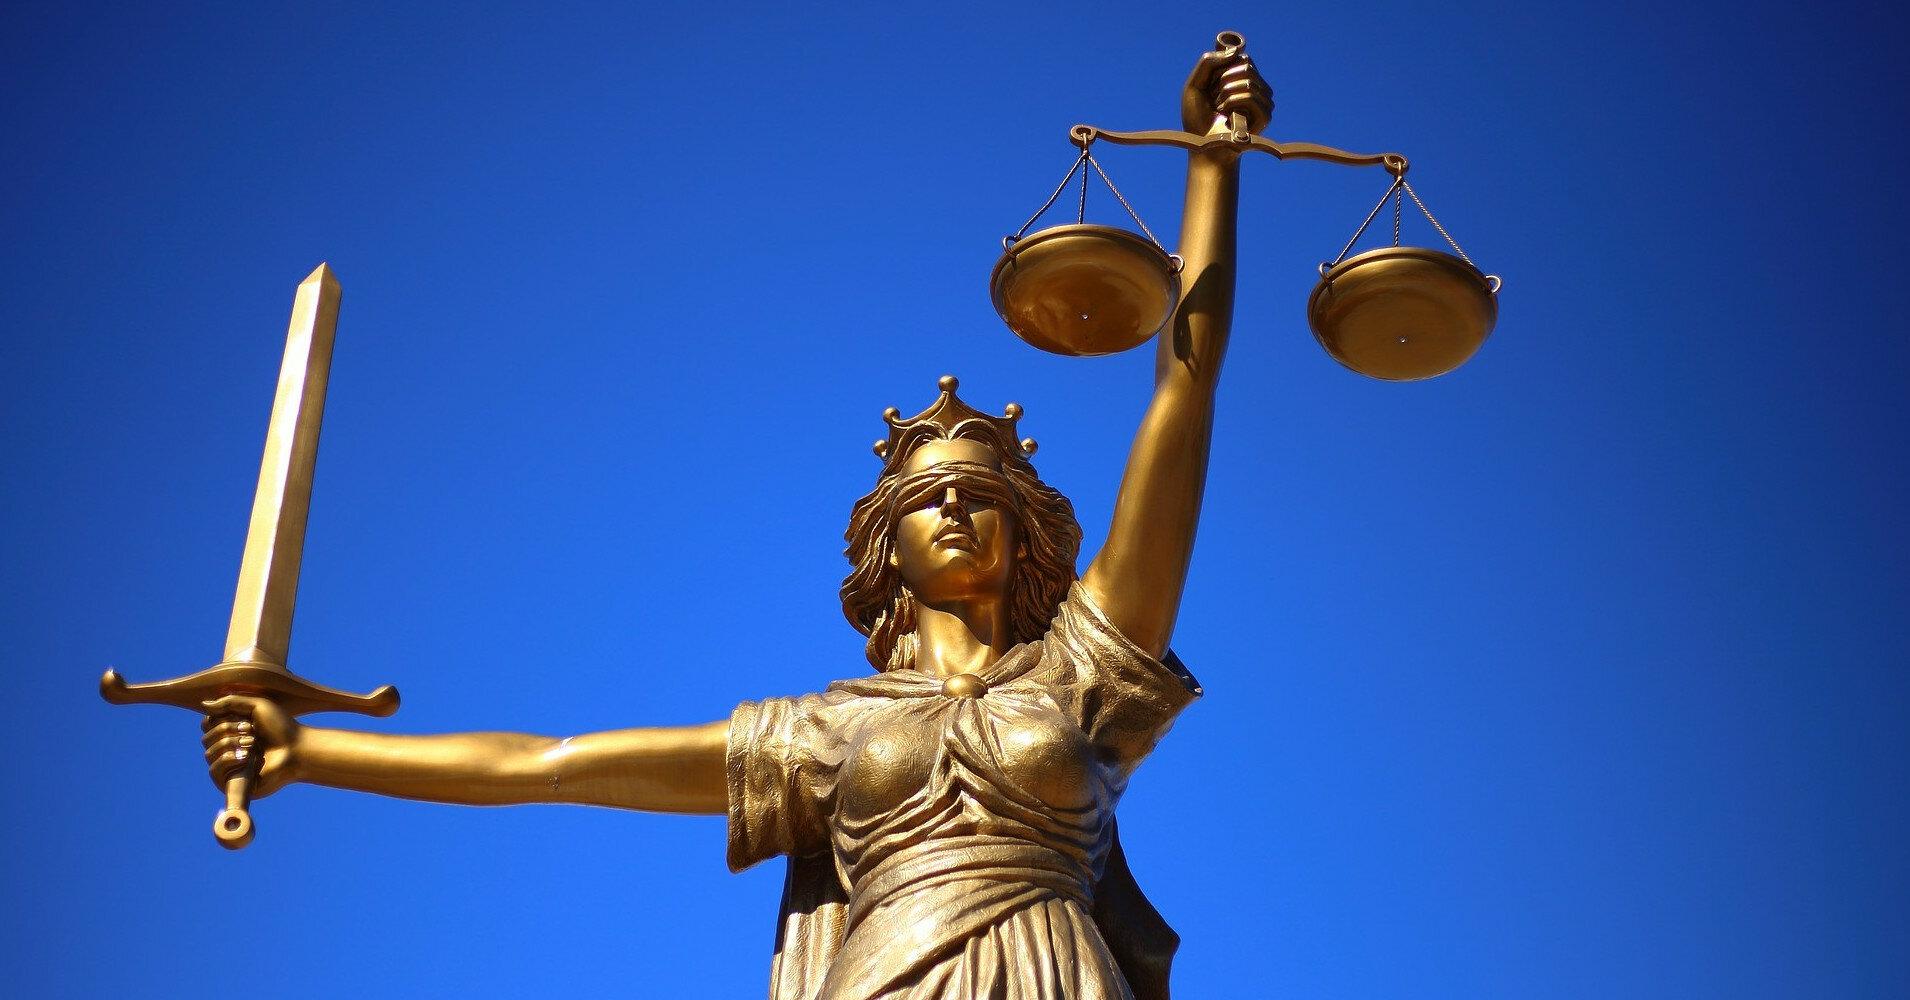 Ощадбанк обжаловал решение парижского суда по активам в Крыму